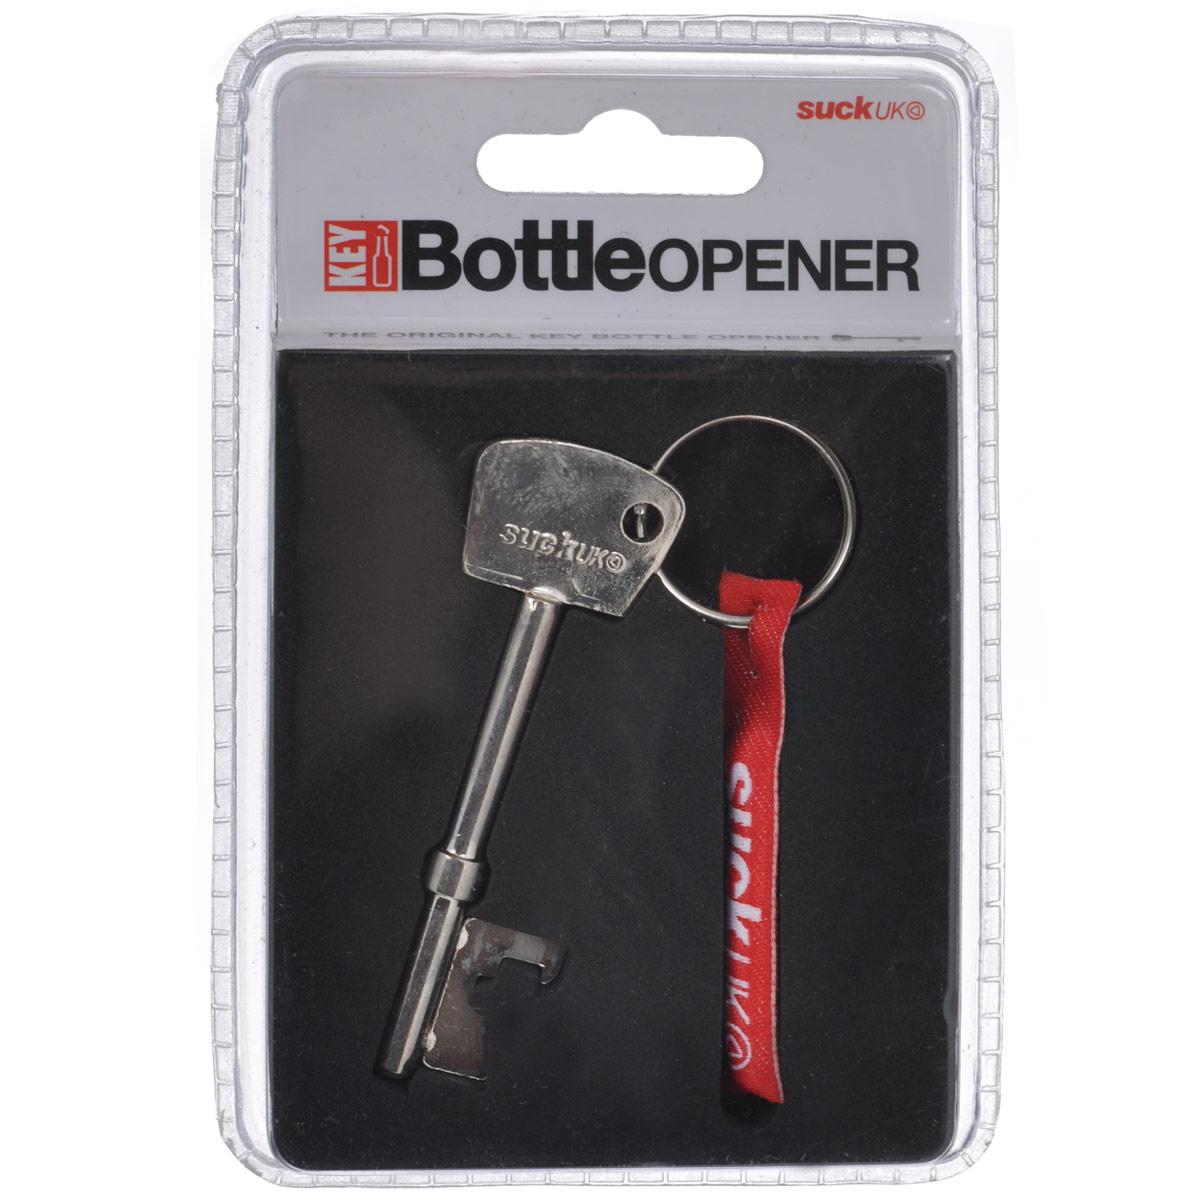 Открывалка для бутылок КлючикSK KEY01Открывалка Ключик выполнена из металла и снабжена кольцом для подвешивания. С виду обыкновенный ключ от двери выполняет функцию открывателя бутылок. Дополните вашу связку ключей этой оригинальной открывалкой, и вы никогда не забудете взять ее с собой! Характеристики: Материал: нержавеющая сталь. Размер открывалки: 2,5 см х 7,3 см х 0,6 см. Цвет: металлик. Размер упаковки: 9 см х 13,5 см х 1,5 см. Артикул: SK KEY01.